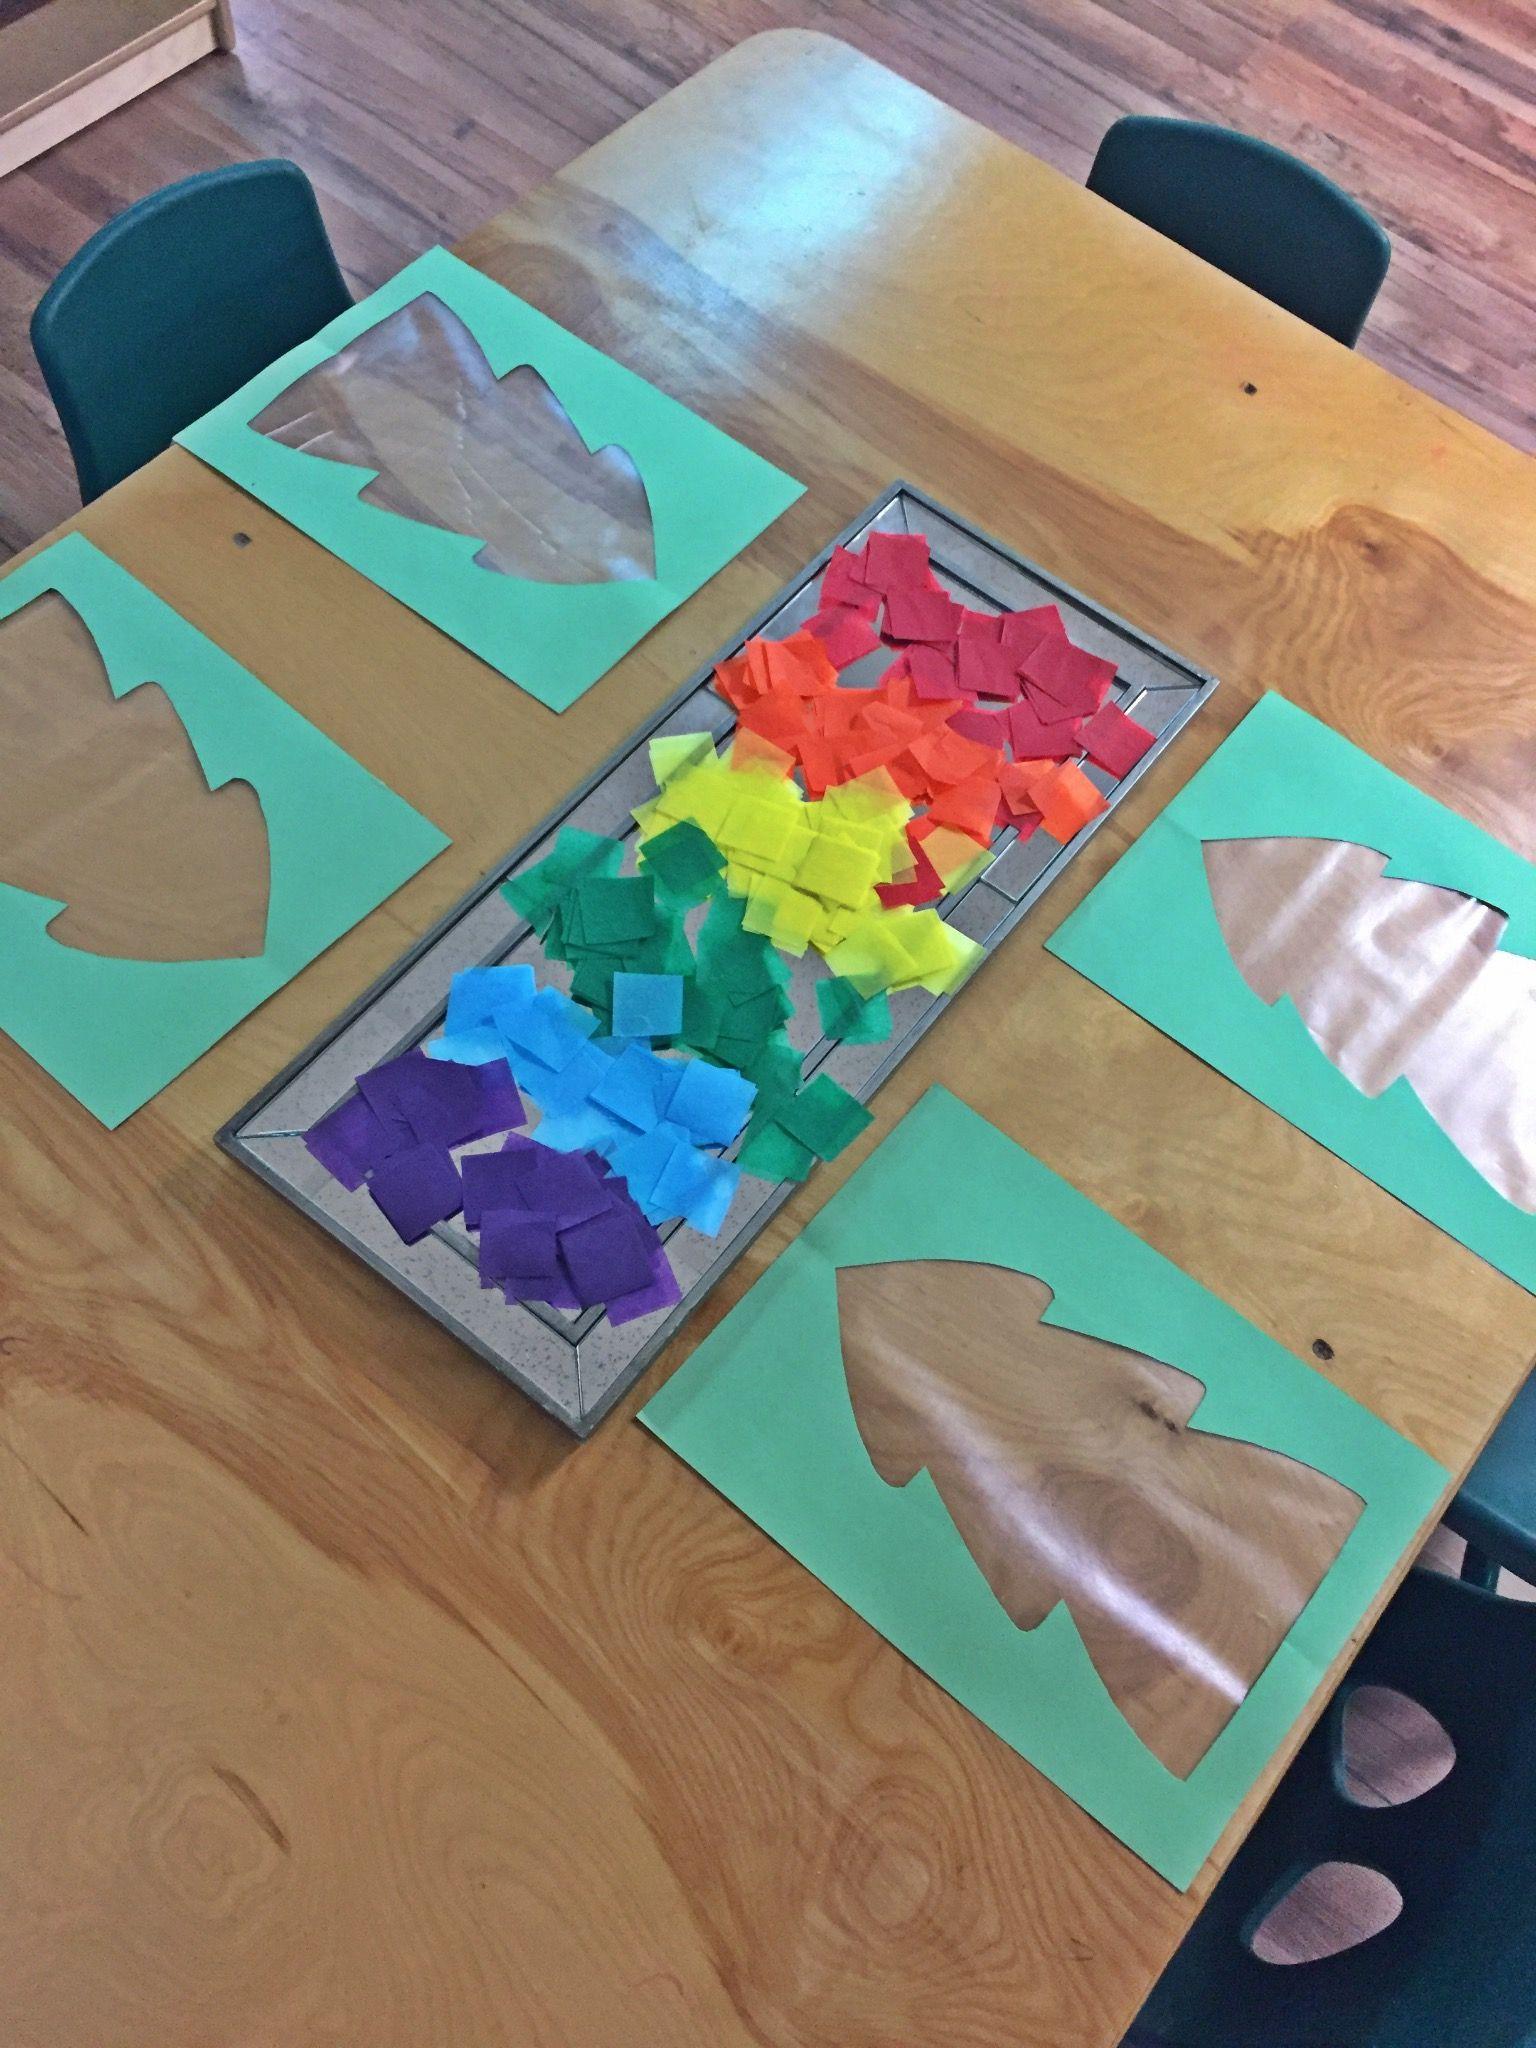 Reggio provocations preschool education process oriented